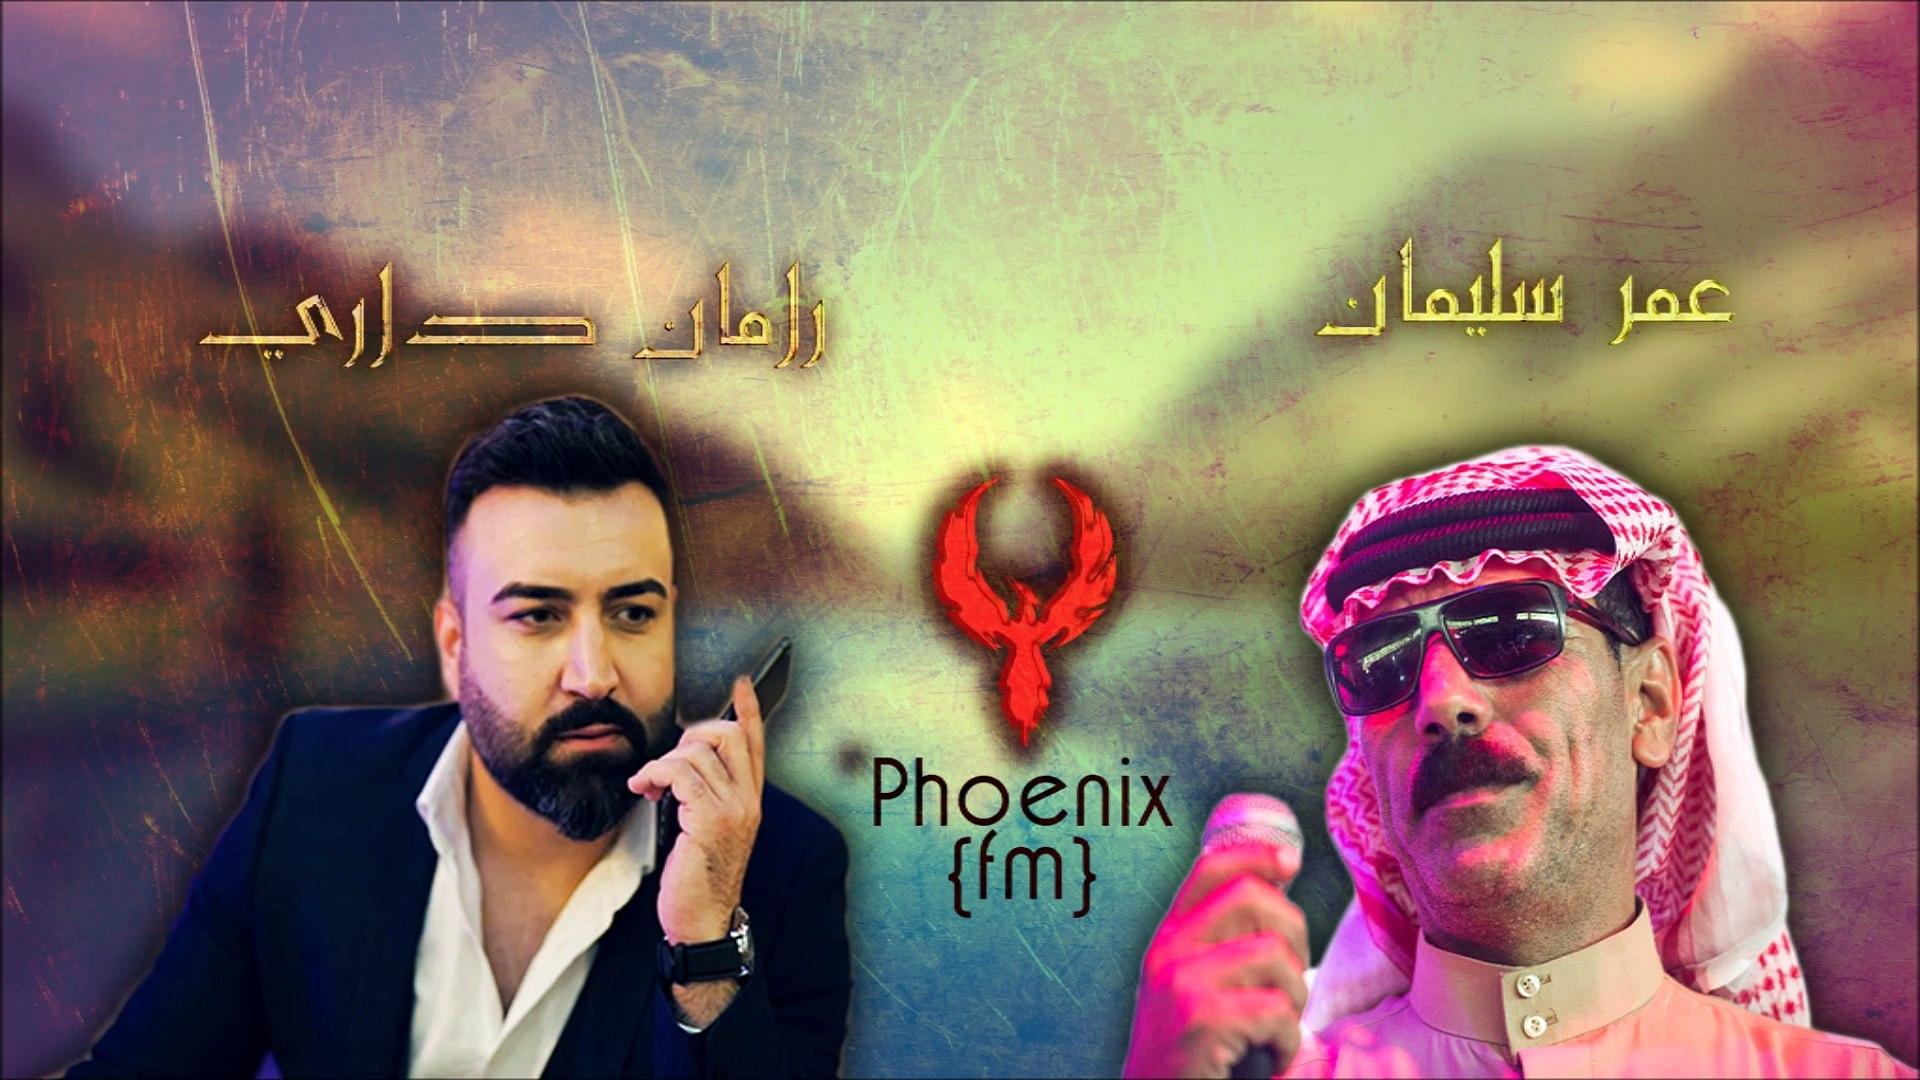 عمر سليمان شيخاني نار